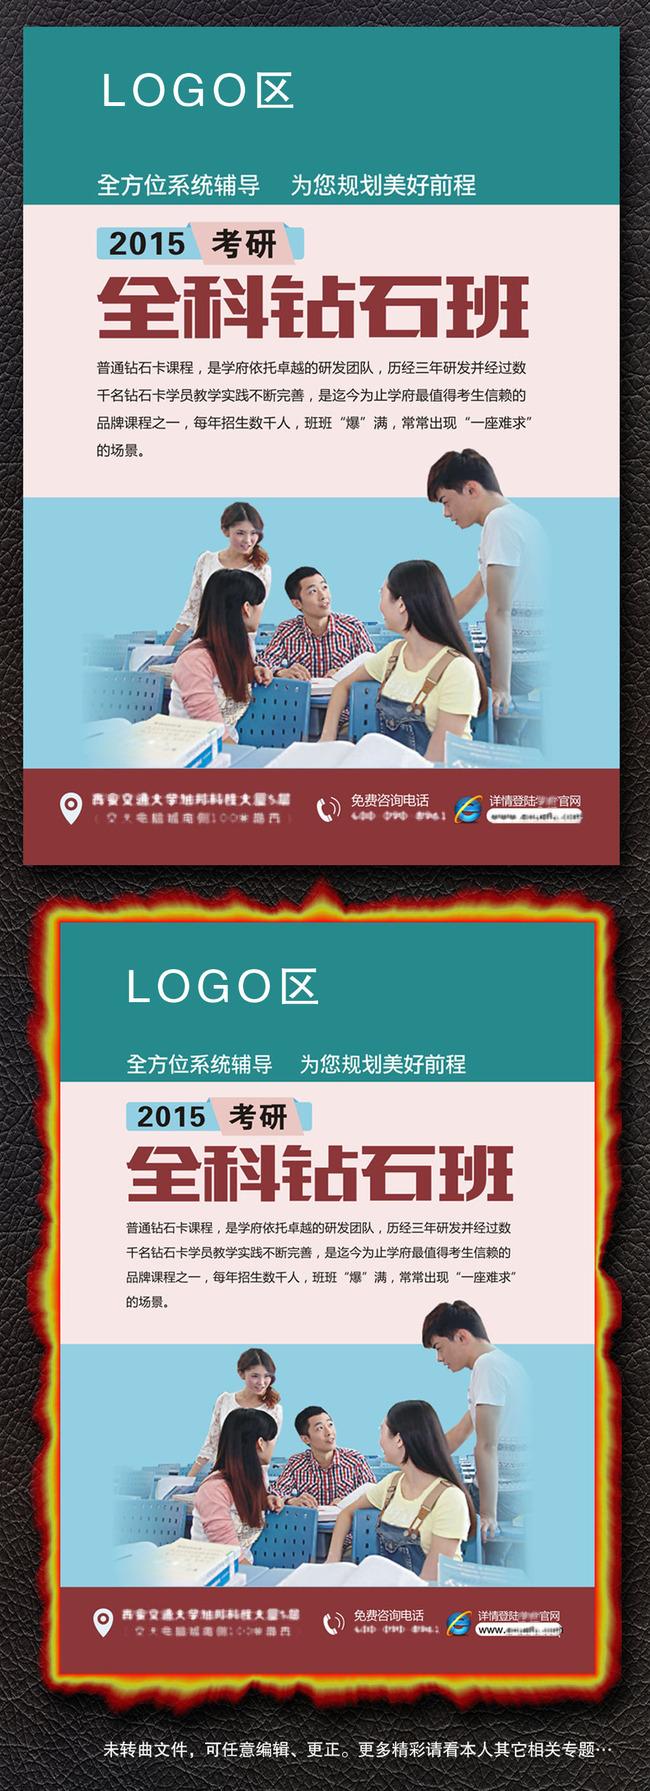 中考 考研 公务员 教育 培训 考试 学校 招生 海报 宣传单 培训班